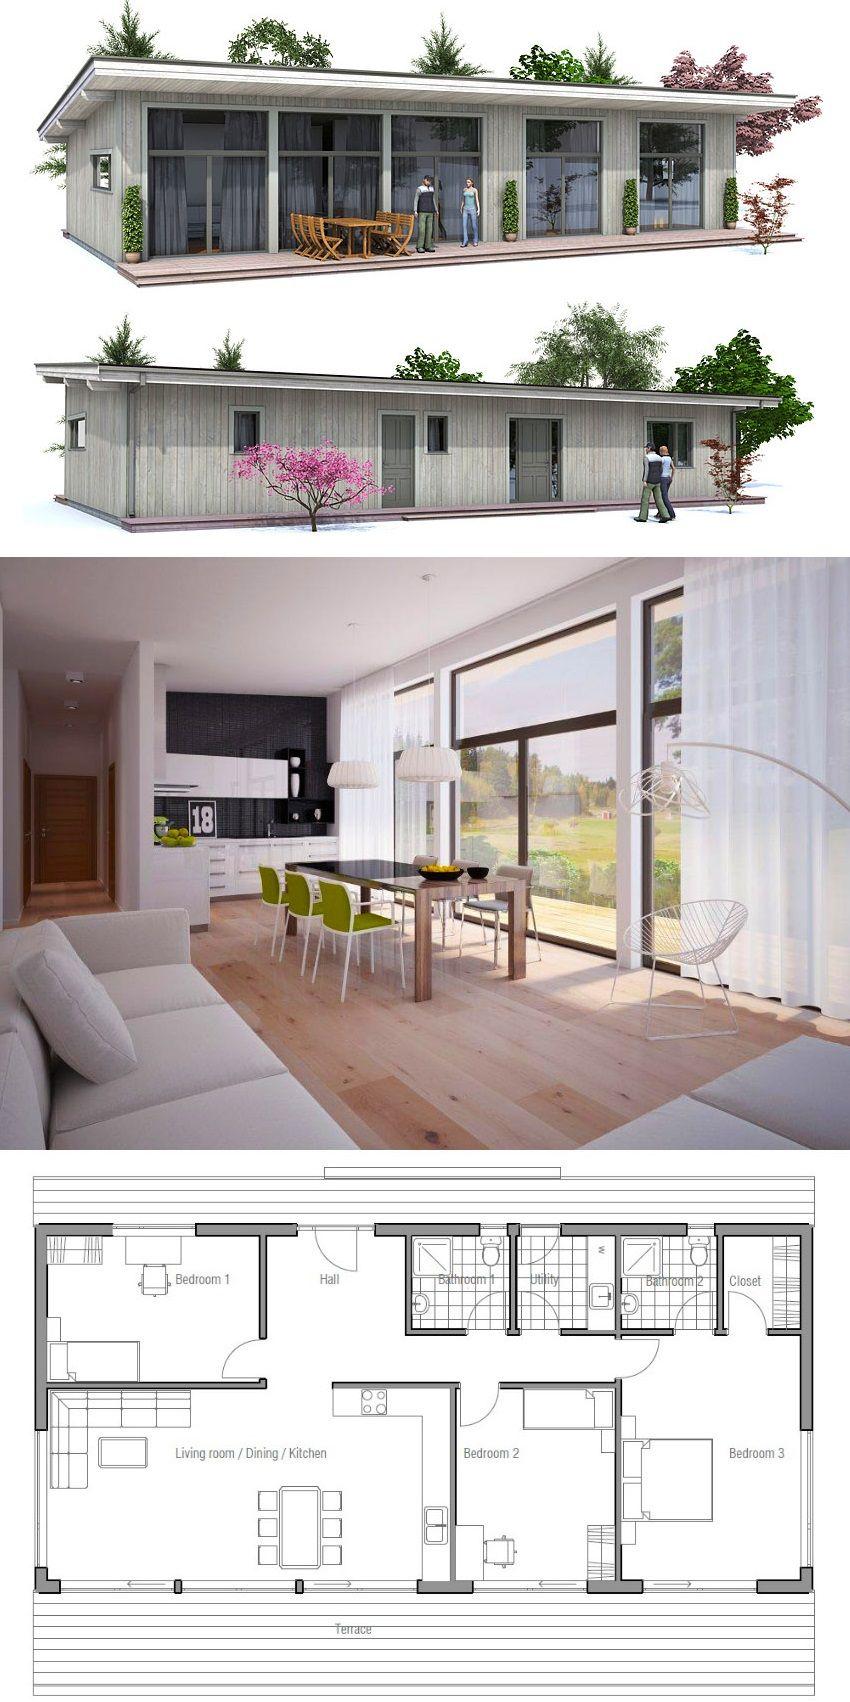 Plan de Maison #plandemaison #maison #projetdemaisonb ...